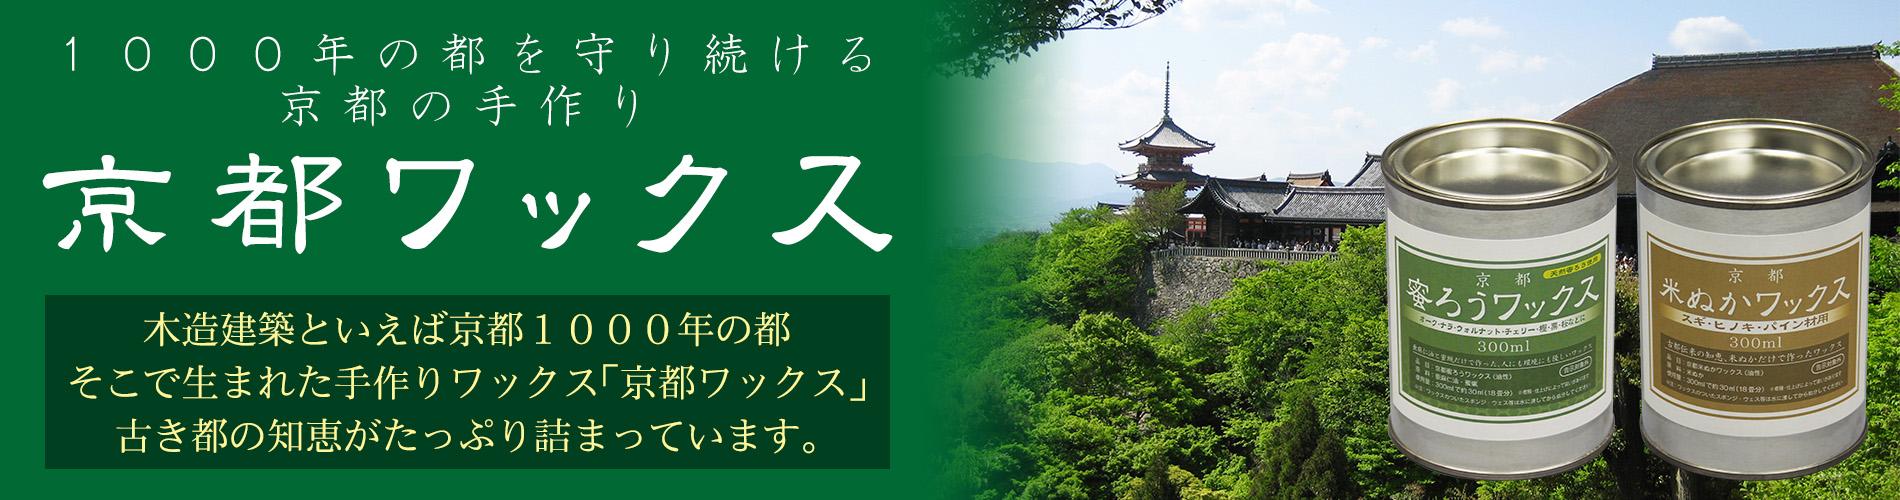 京都の手作り 京都ワックス